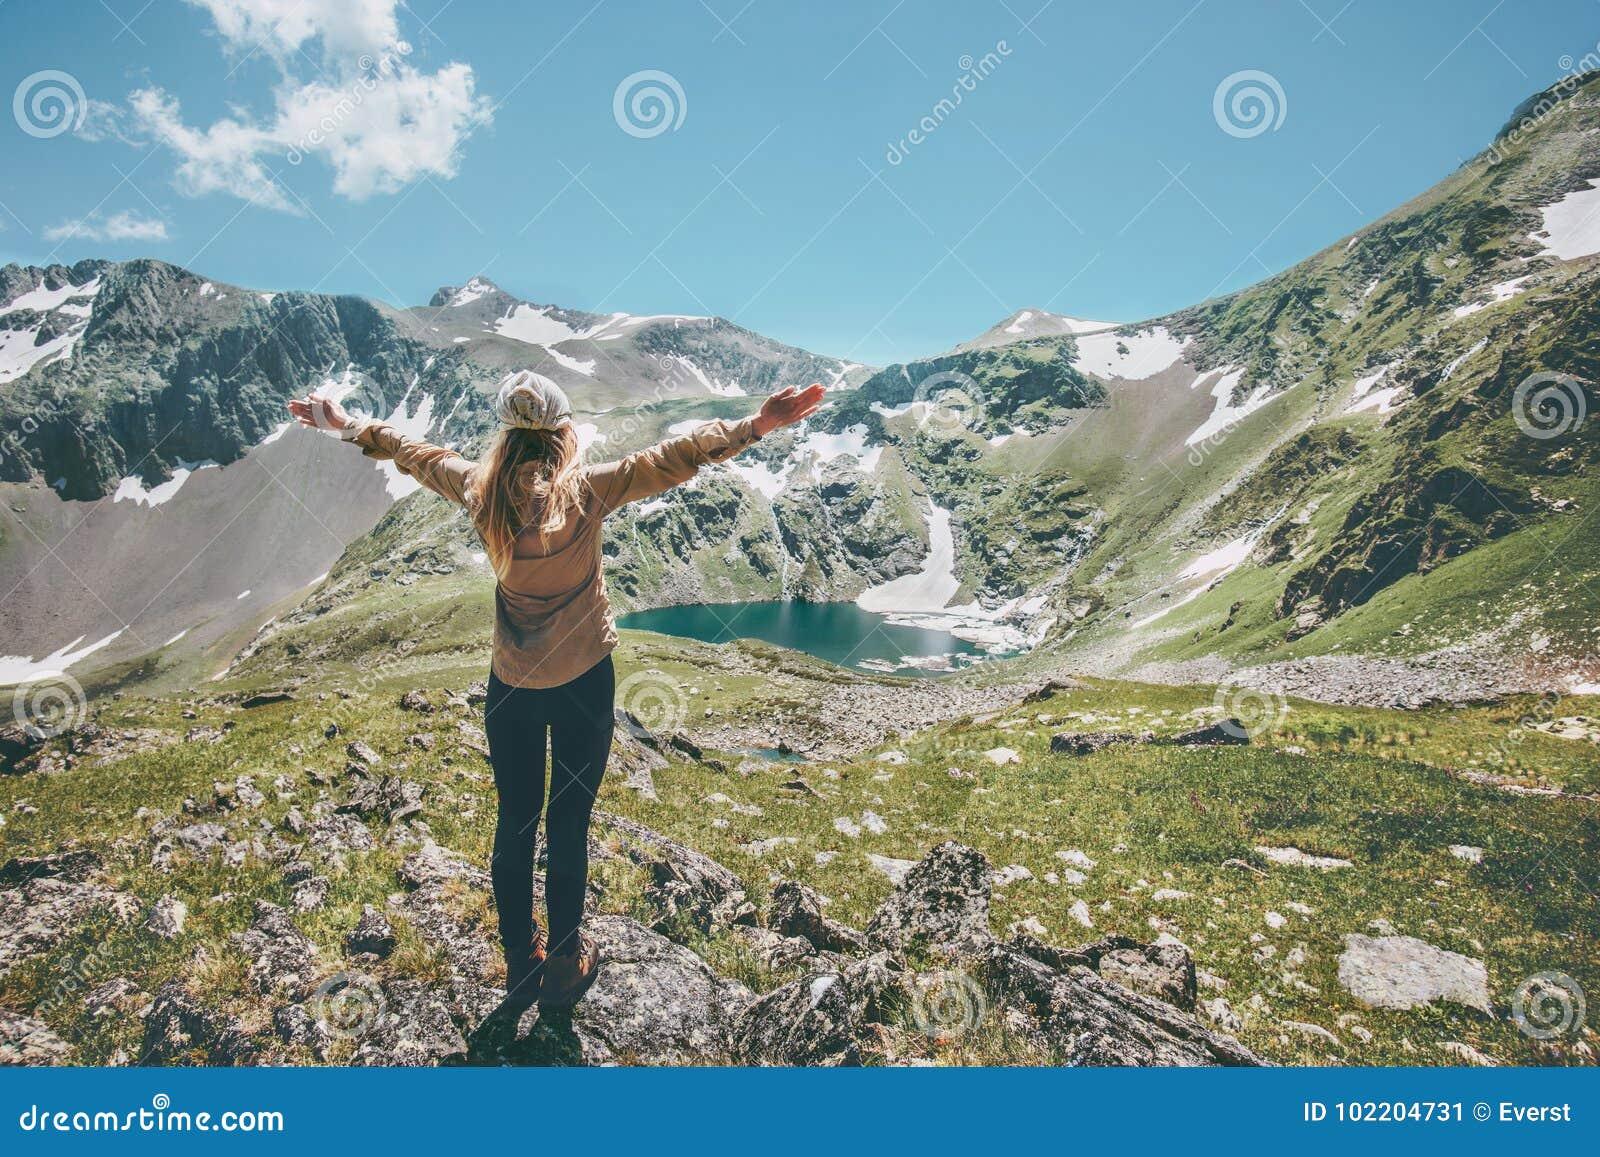 La mujer da aumentado disfrutando de aventura de la forma de vida del viaje de las montañas y del lago del paisaje